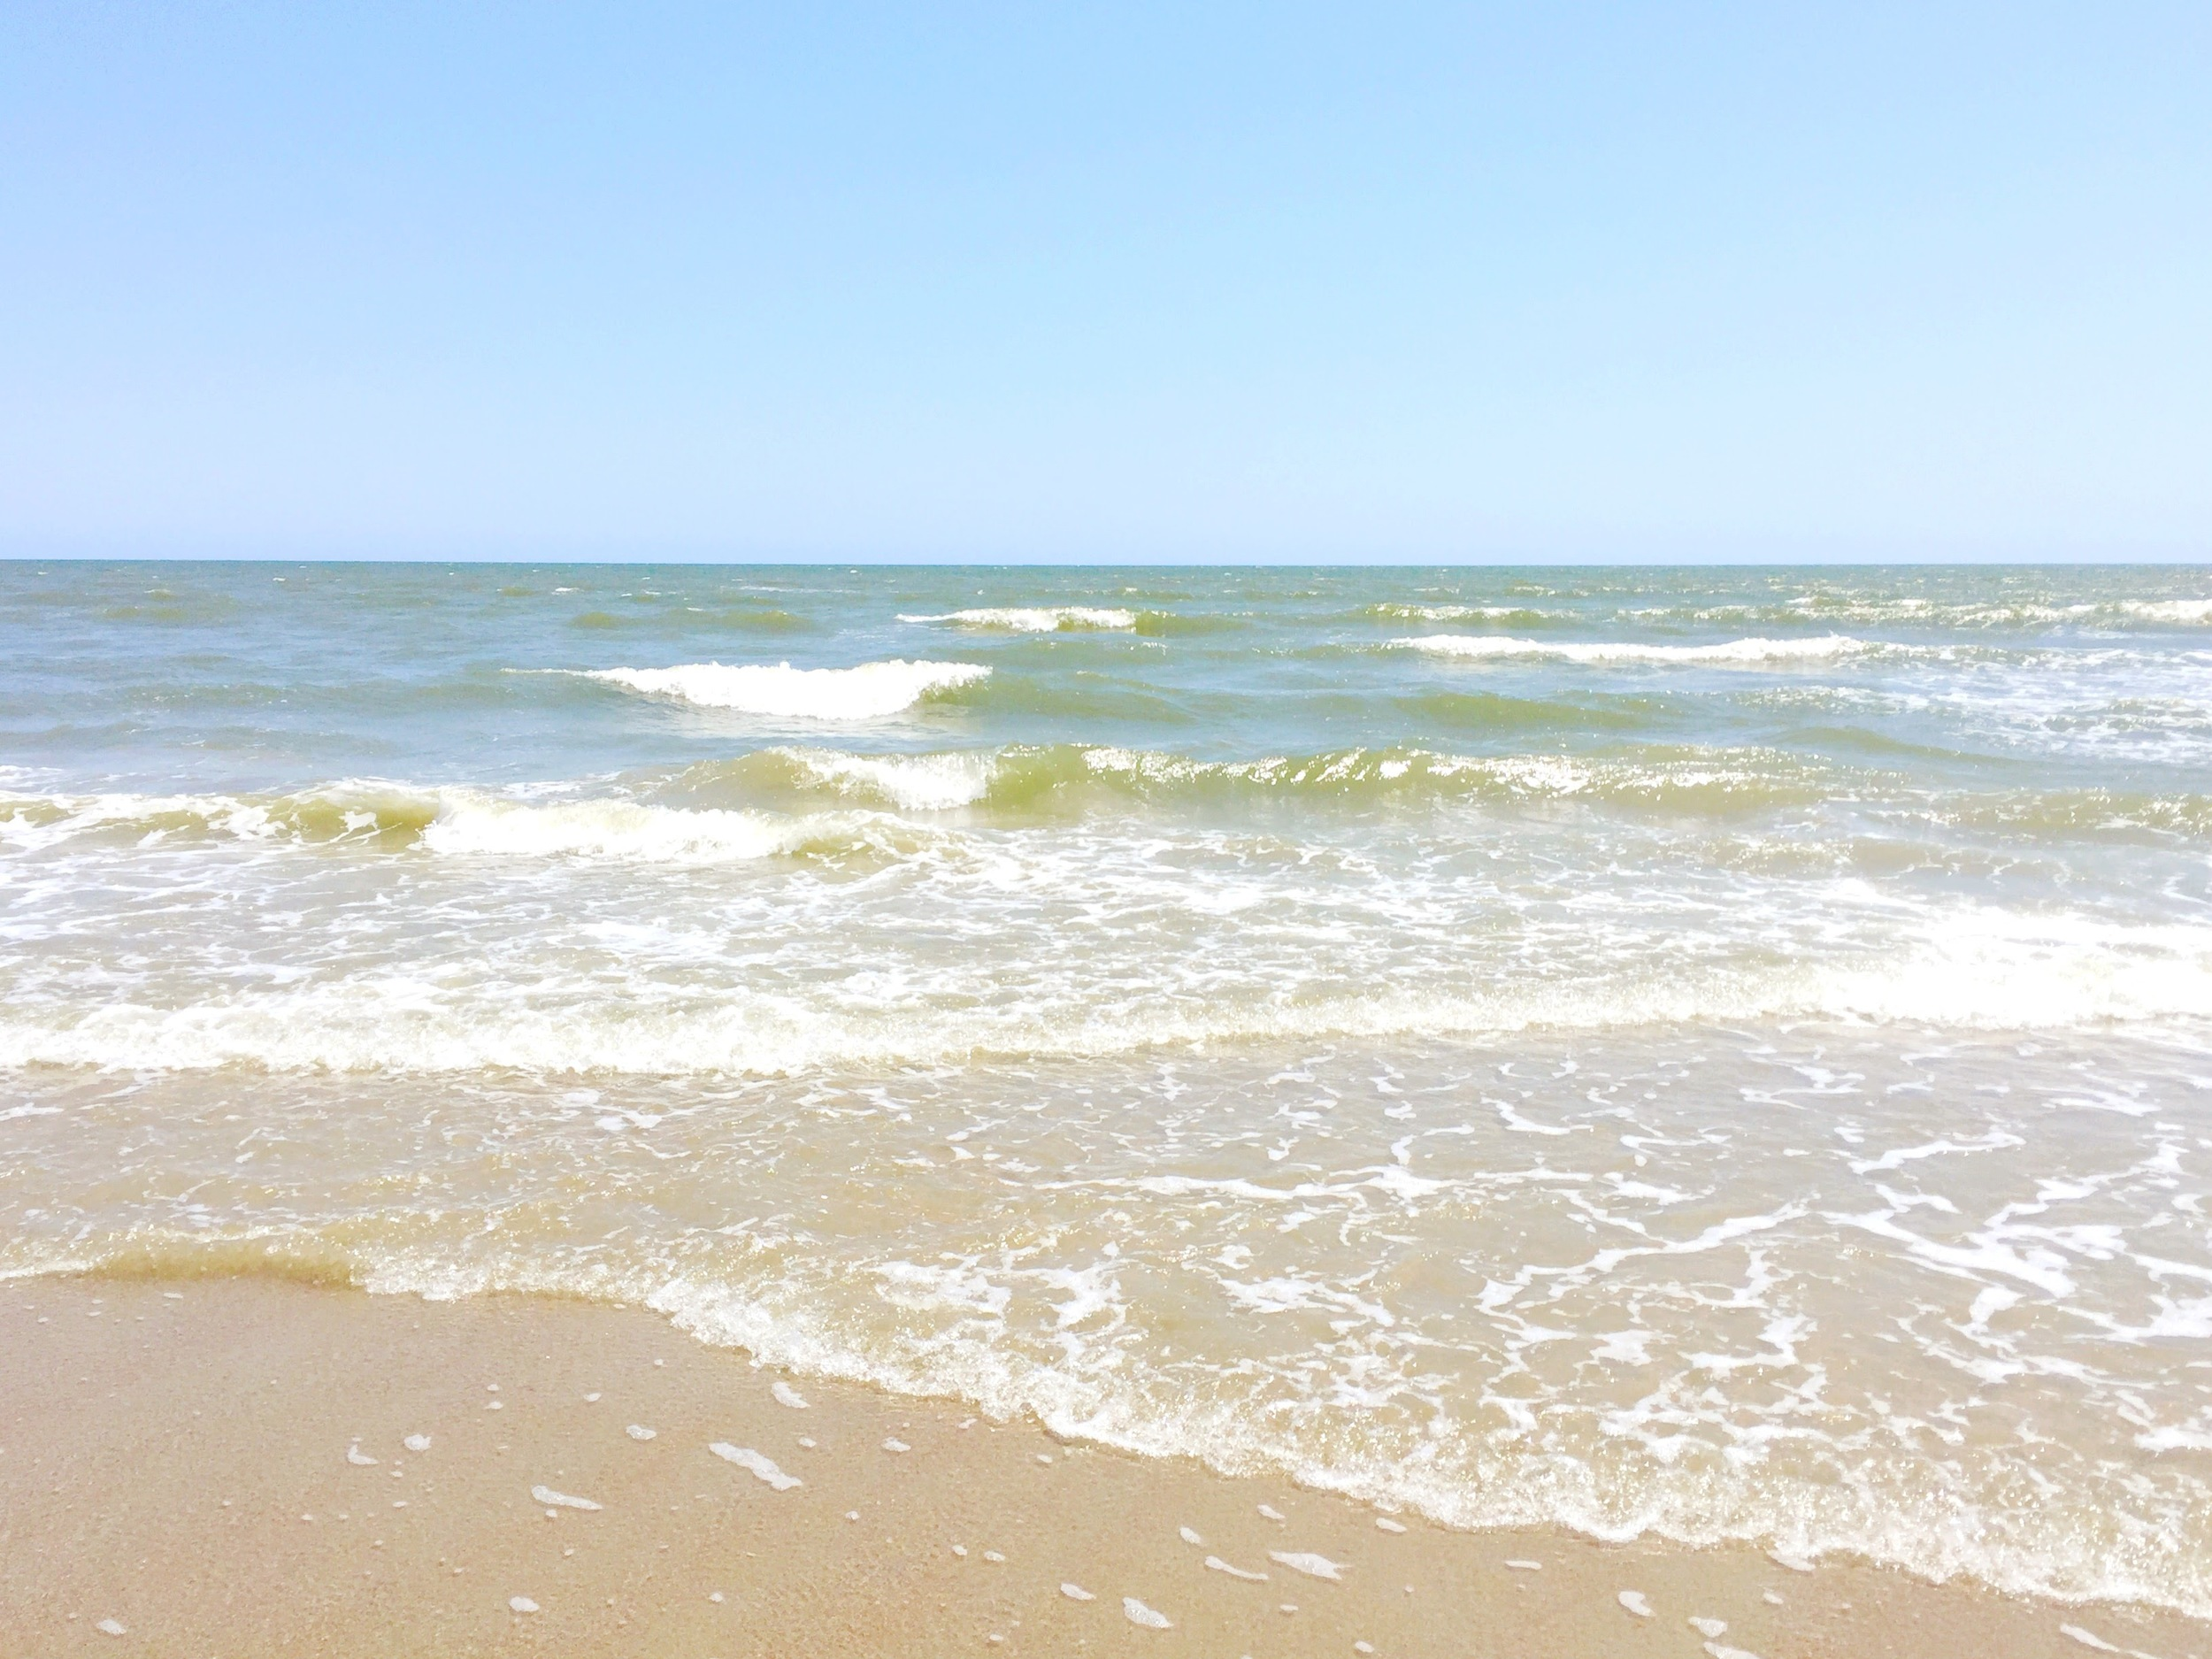 beach-ocean-waves-isle-of-palms